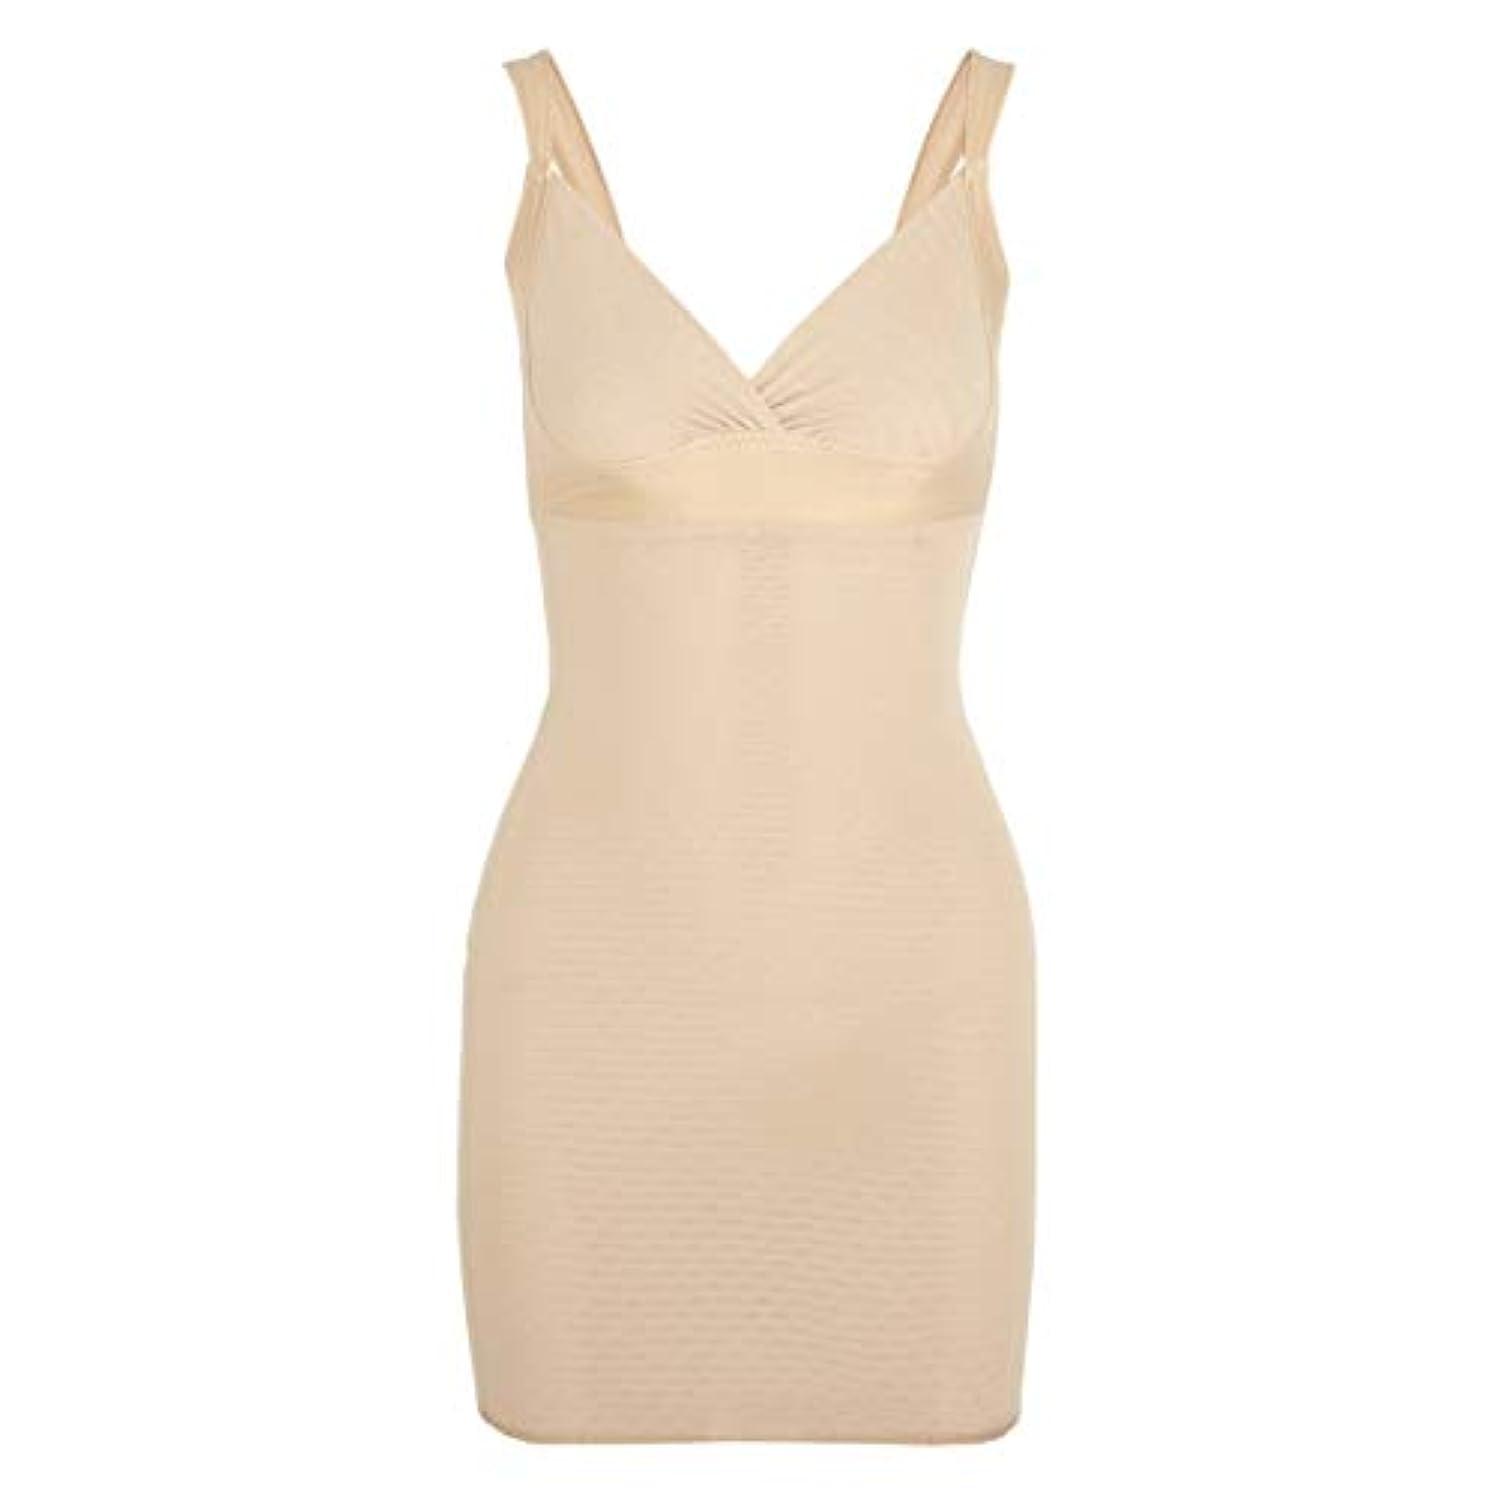 崇拝するようこそ構想する女性のポスト産後Post身下着シェイパードレスを回復ボディスーツシェイプウェアウエストコルセットガードル-アプリコット-XL